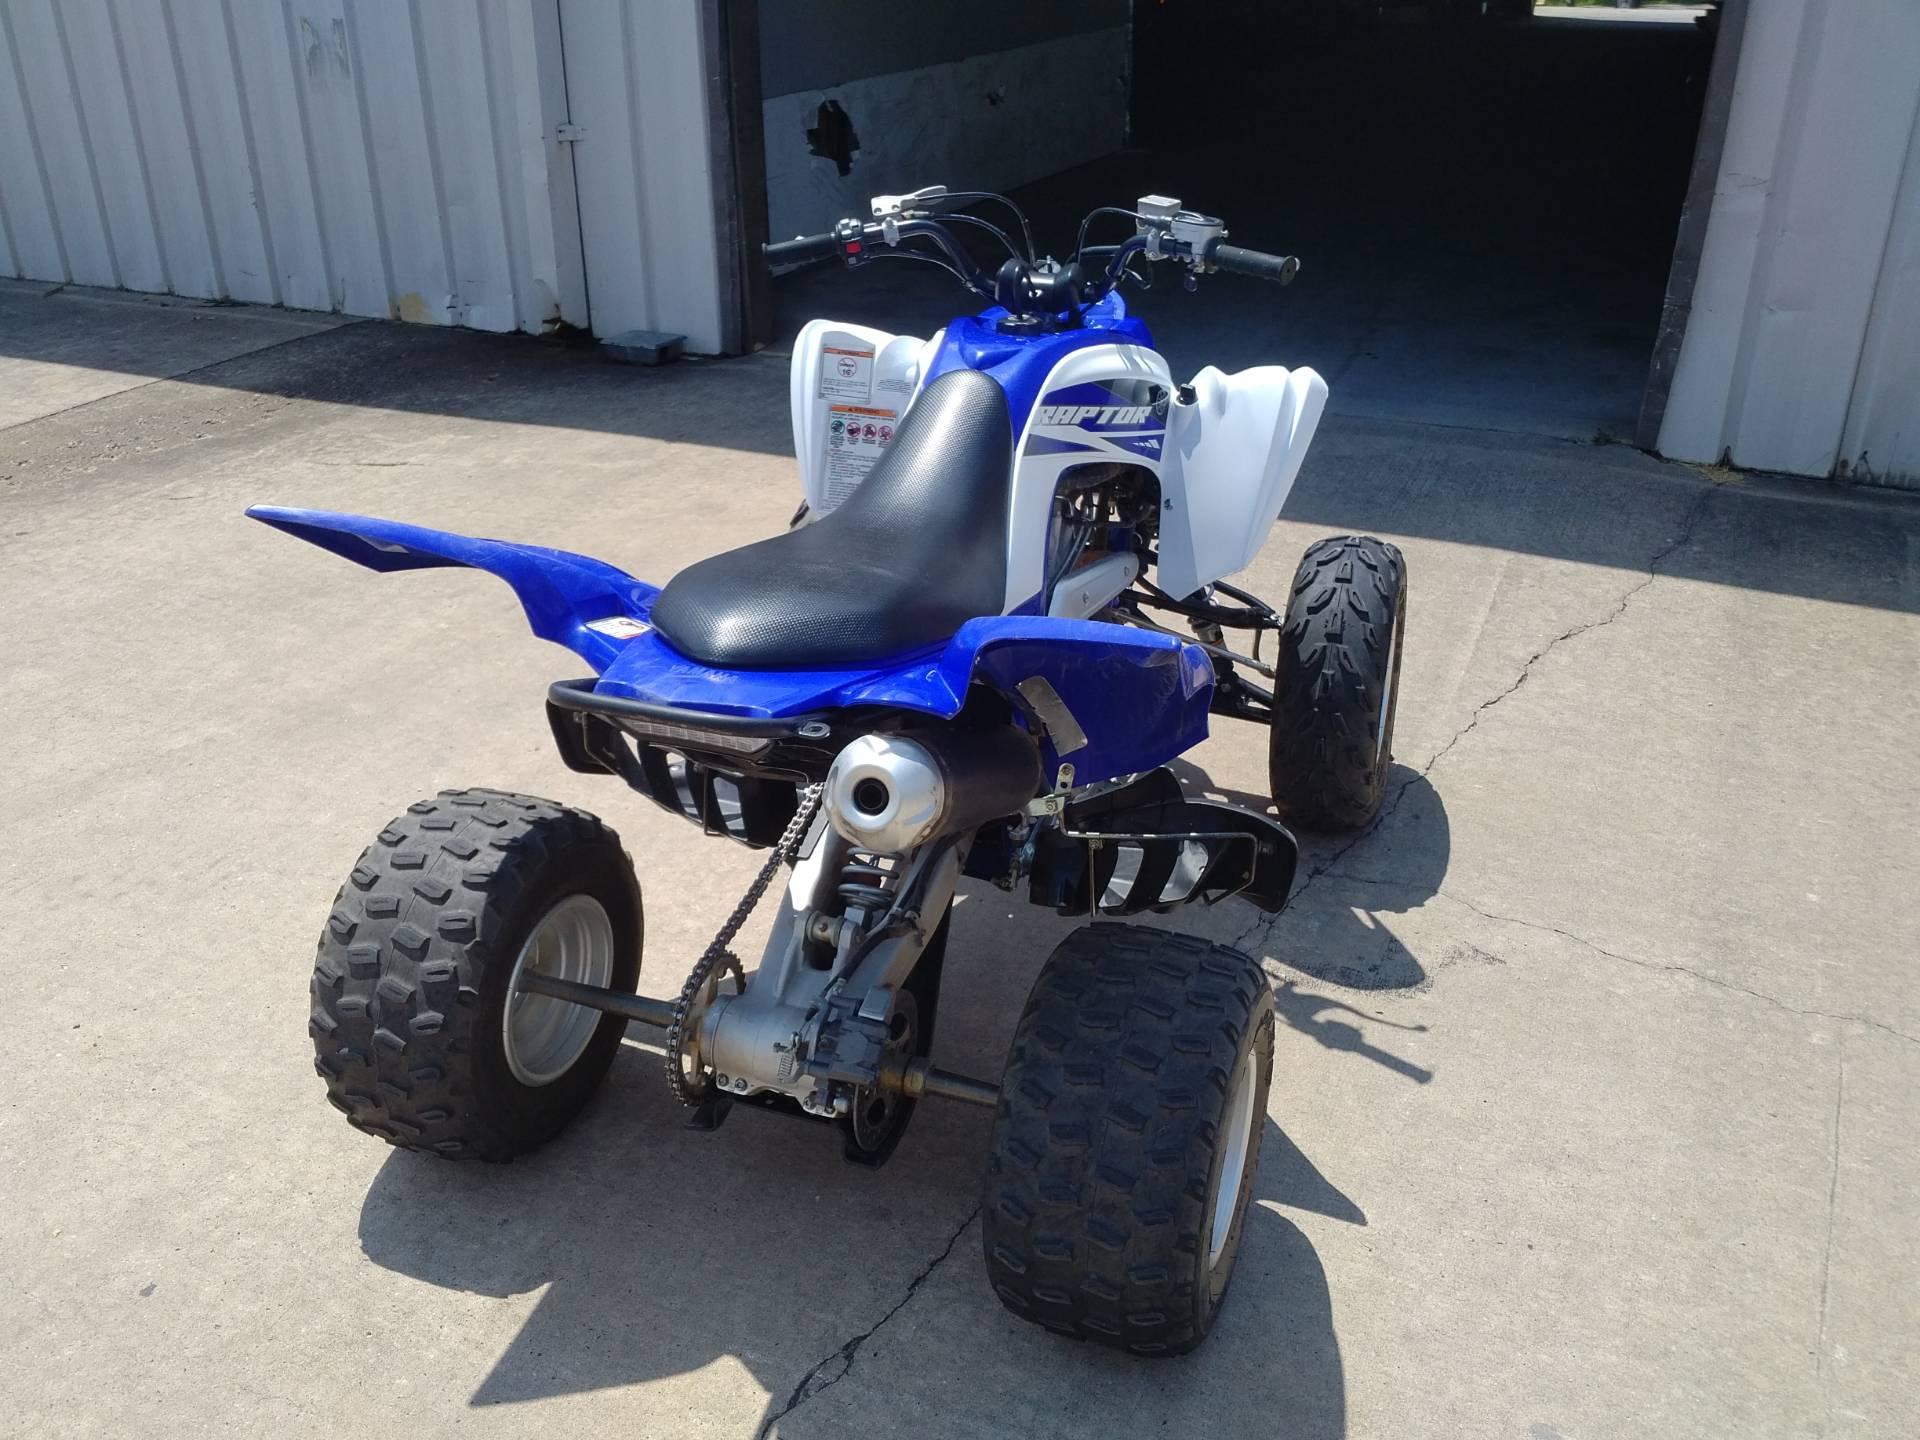 2015 Yamaha Raptor 700 3